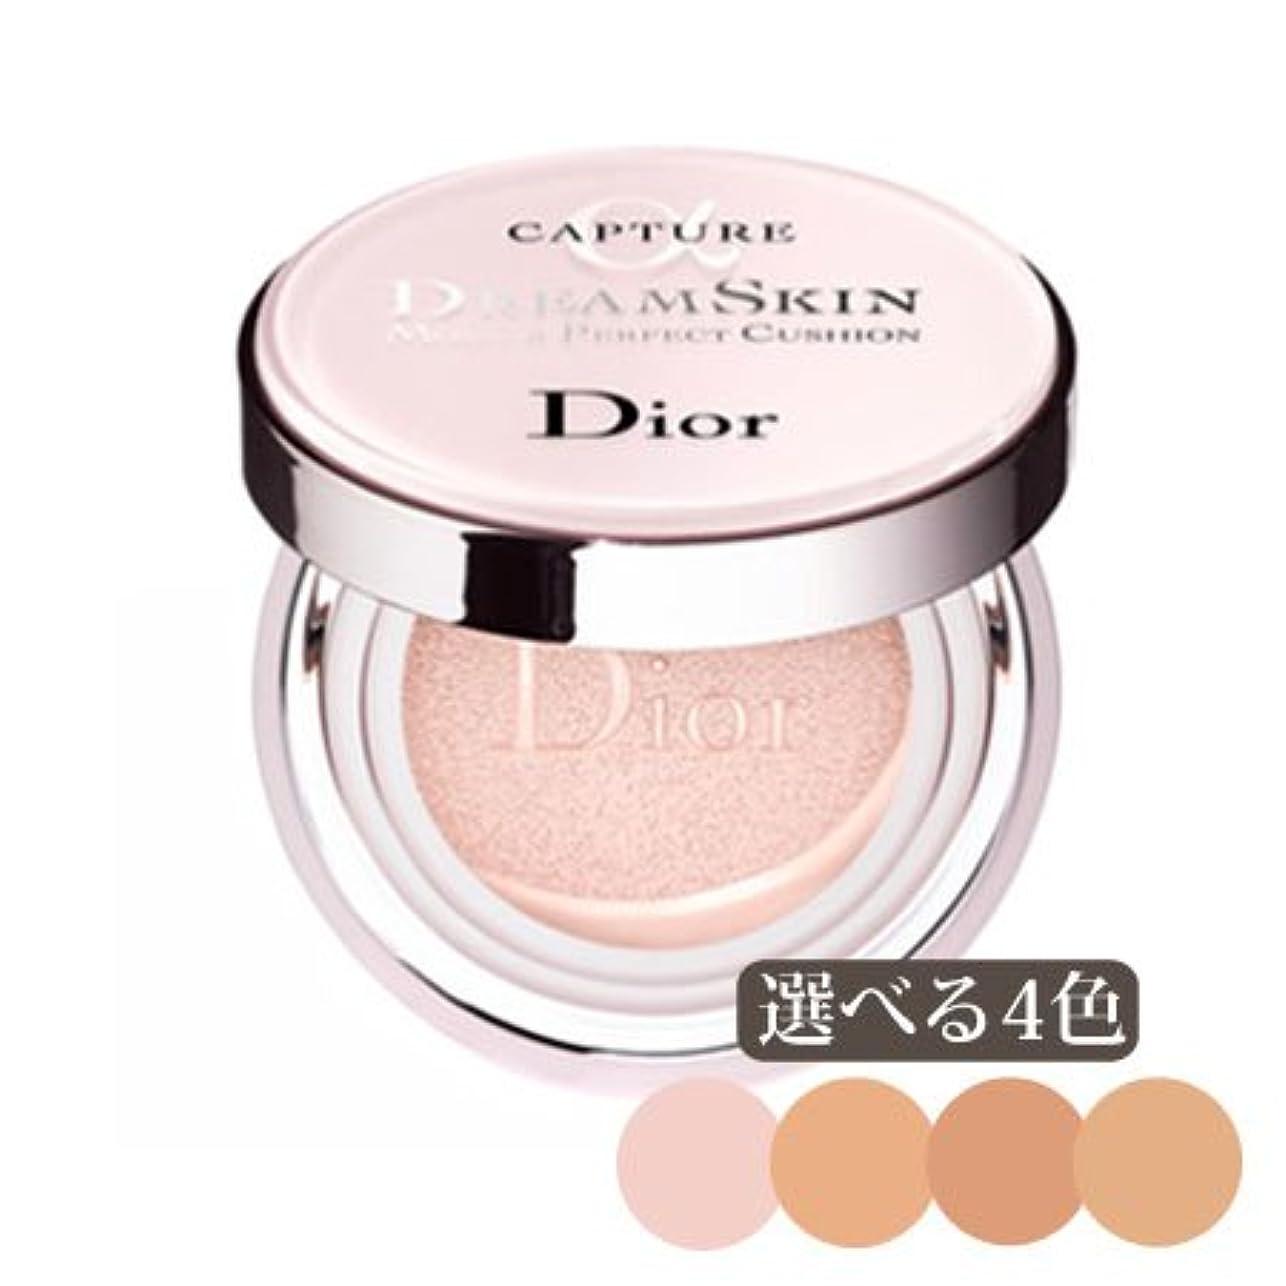 強打そうでなければ平和的ディオール カプチュール ドリームスキン モイスト クッション 選べる4色 -Dior- 012